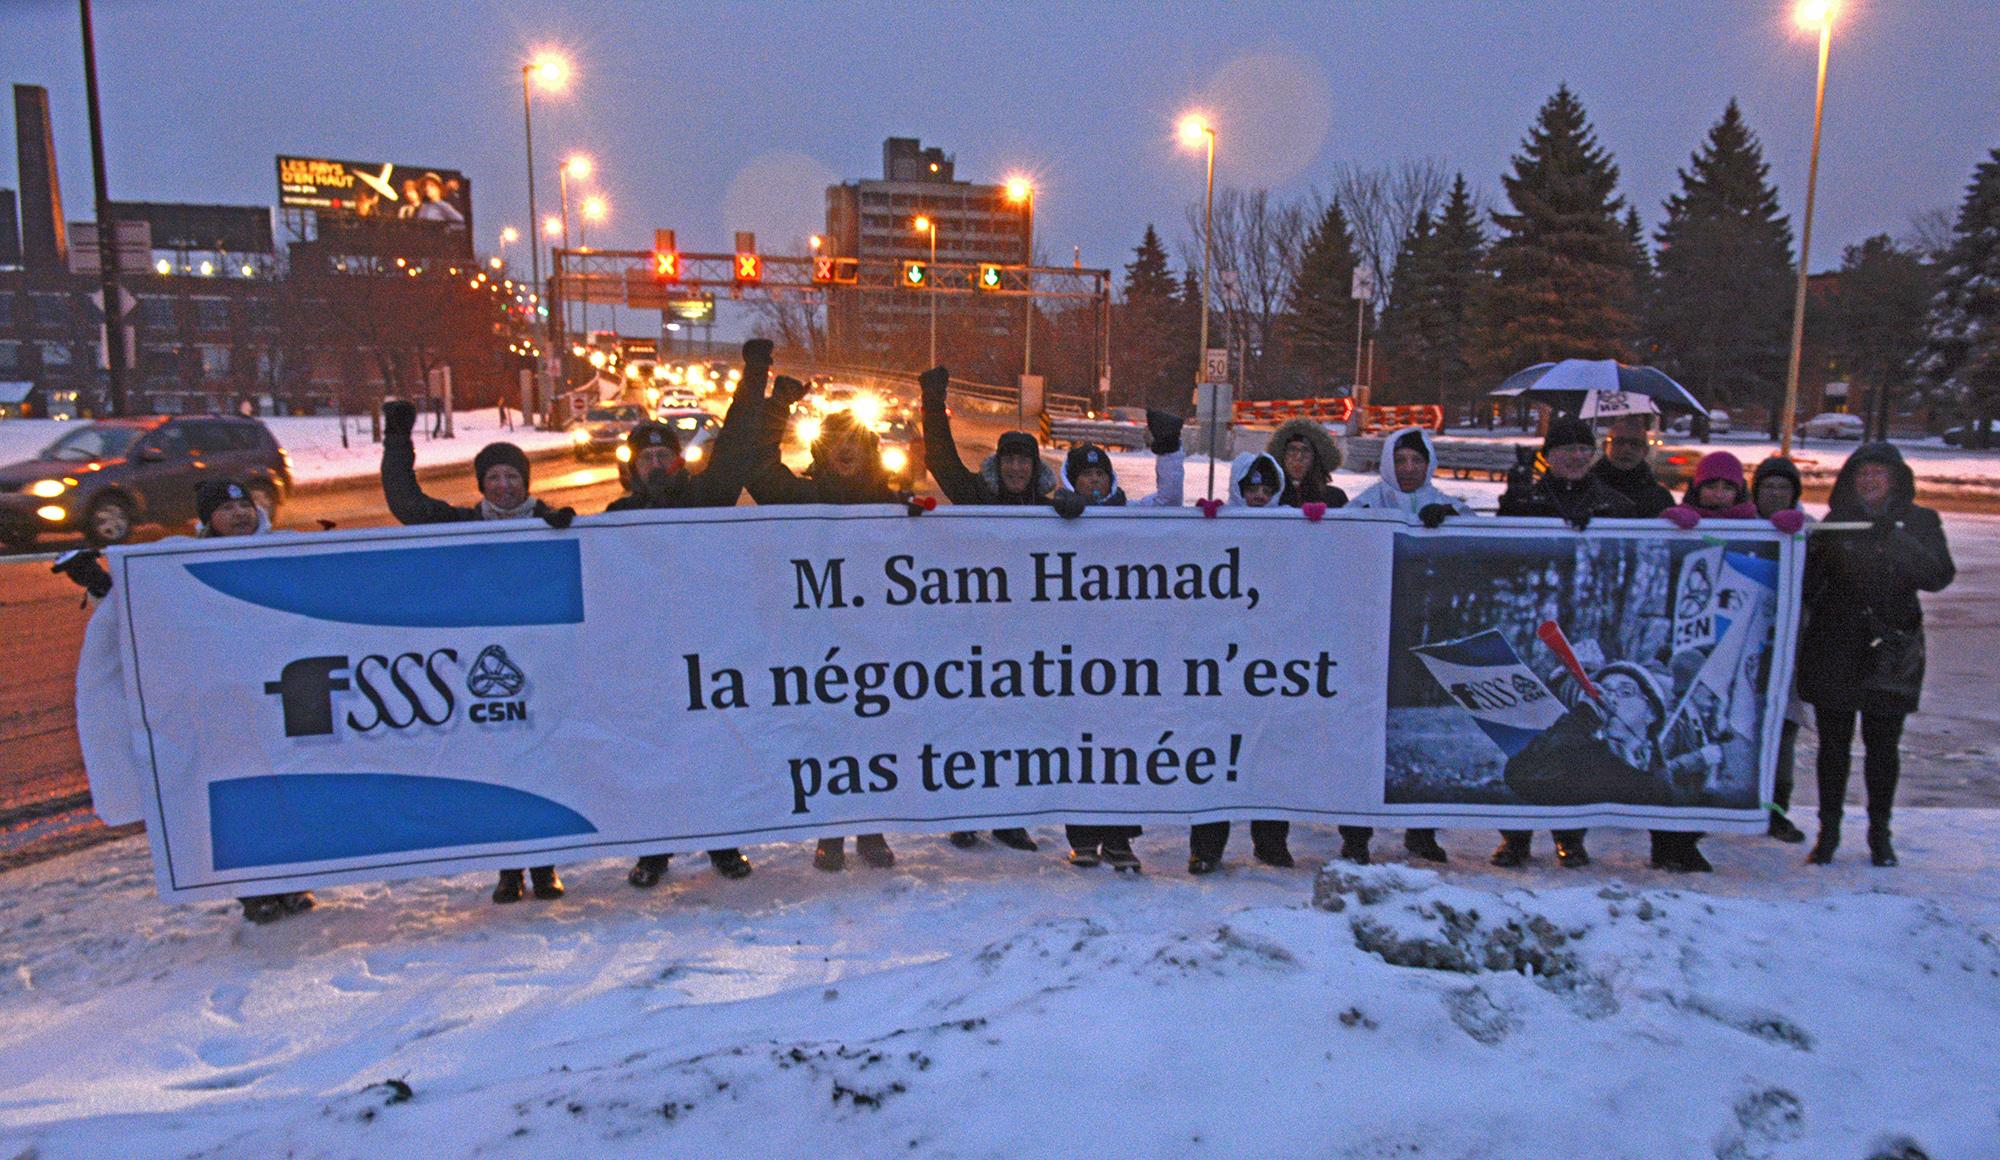 Monsieur Hamad, la négociation n'est pas terminée!